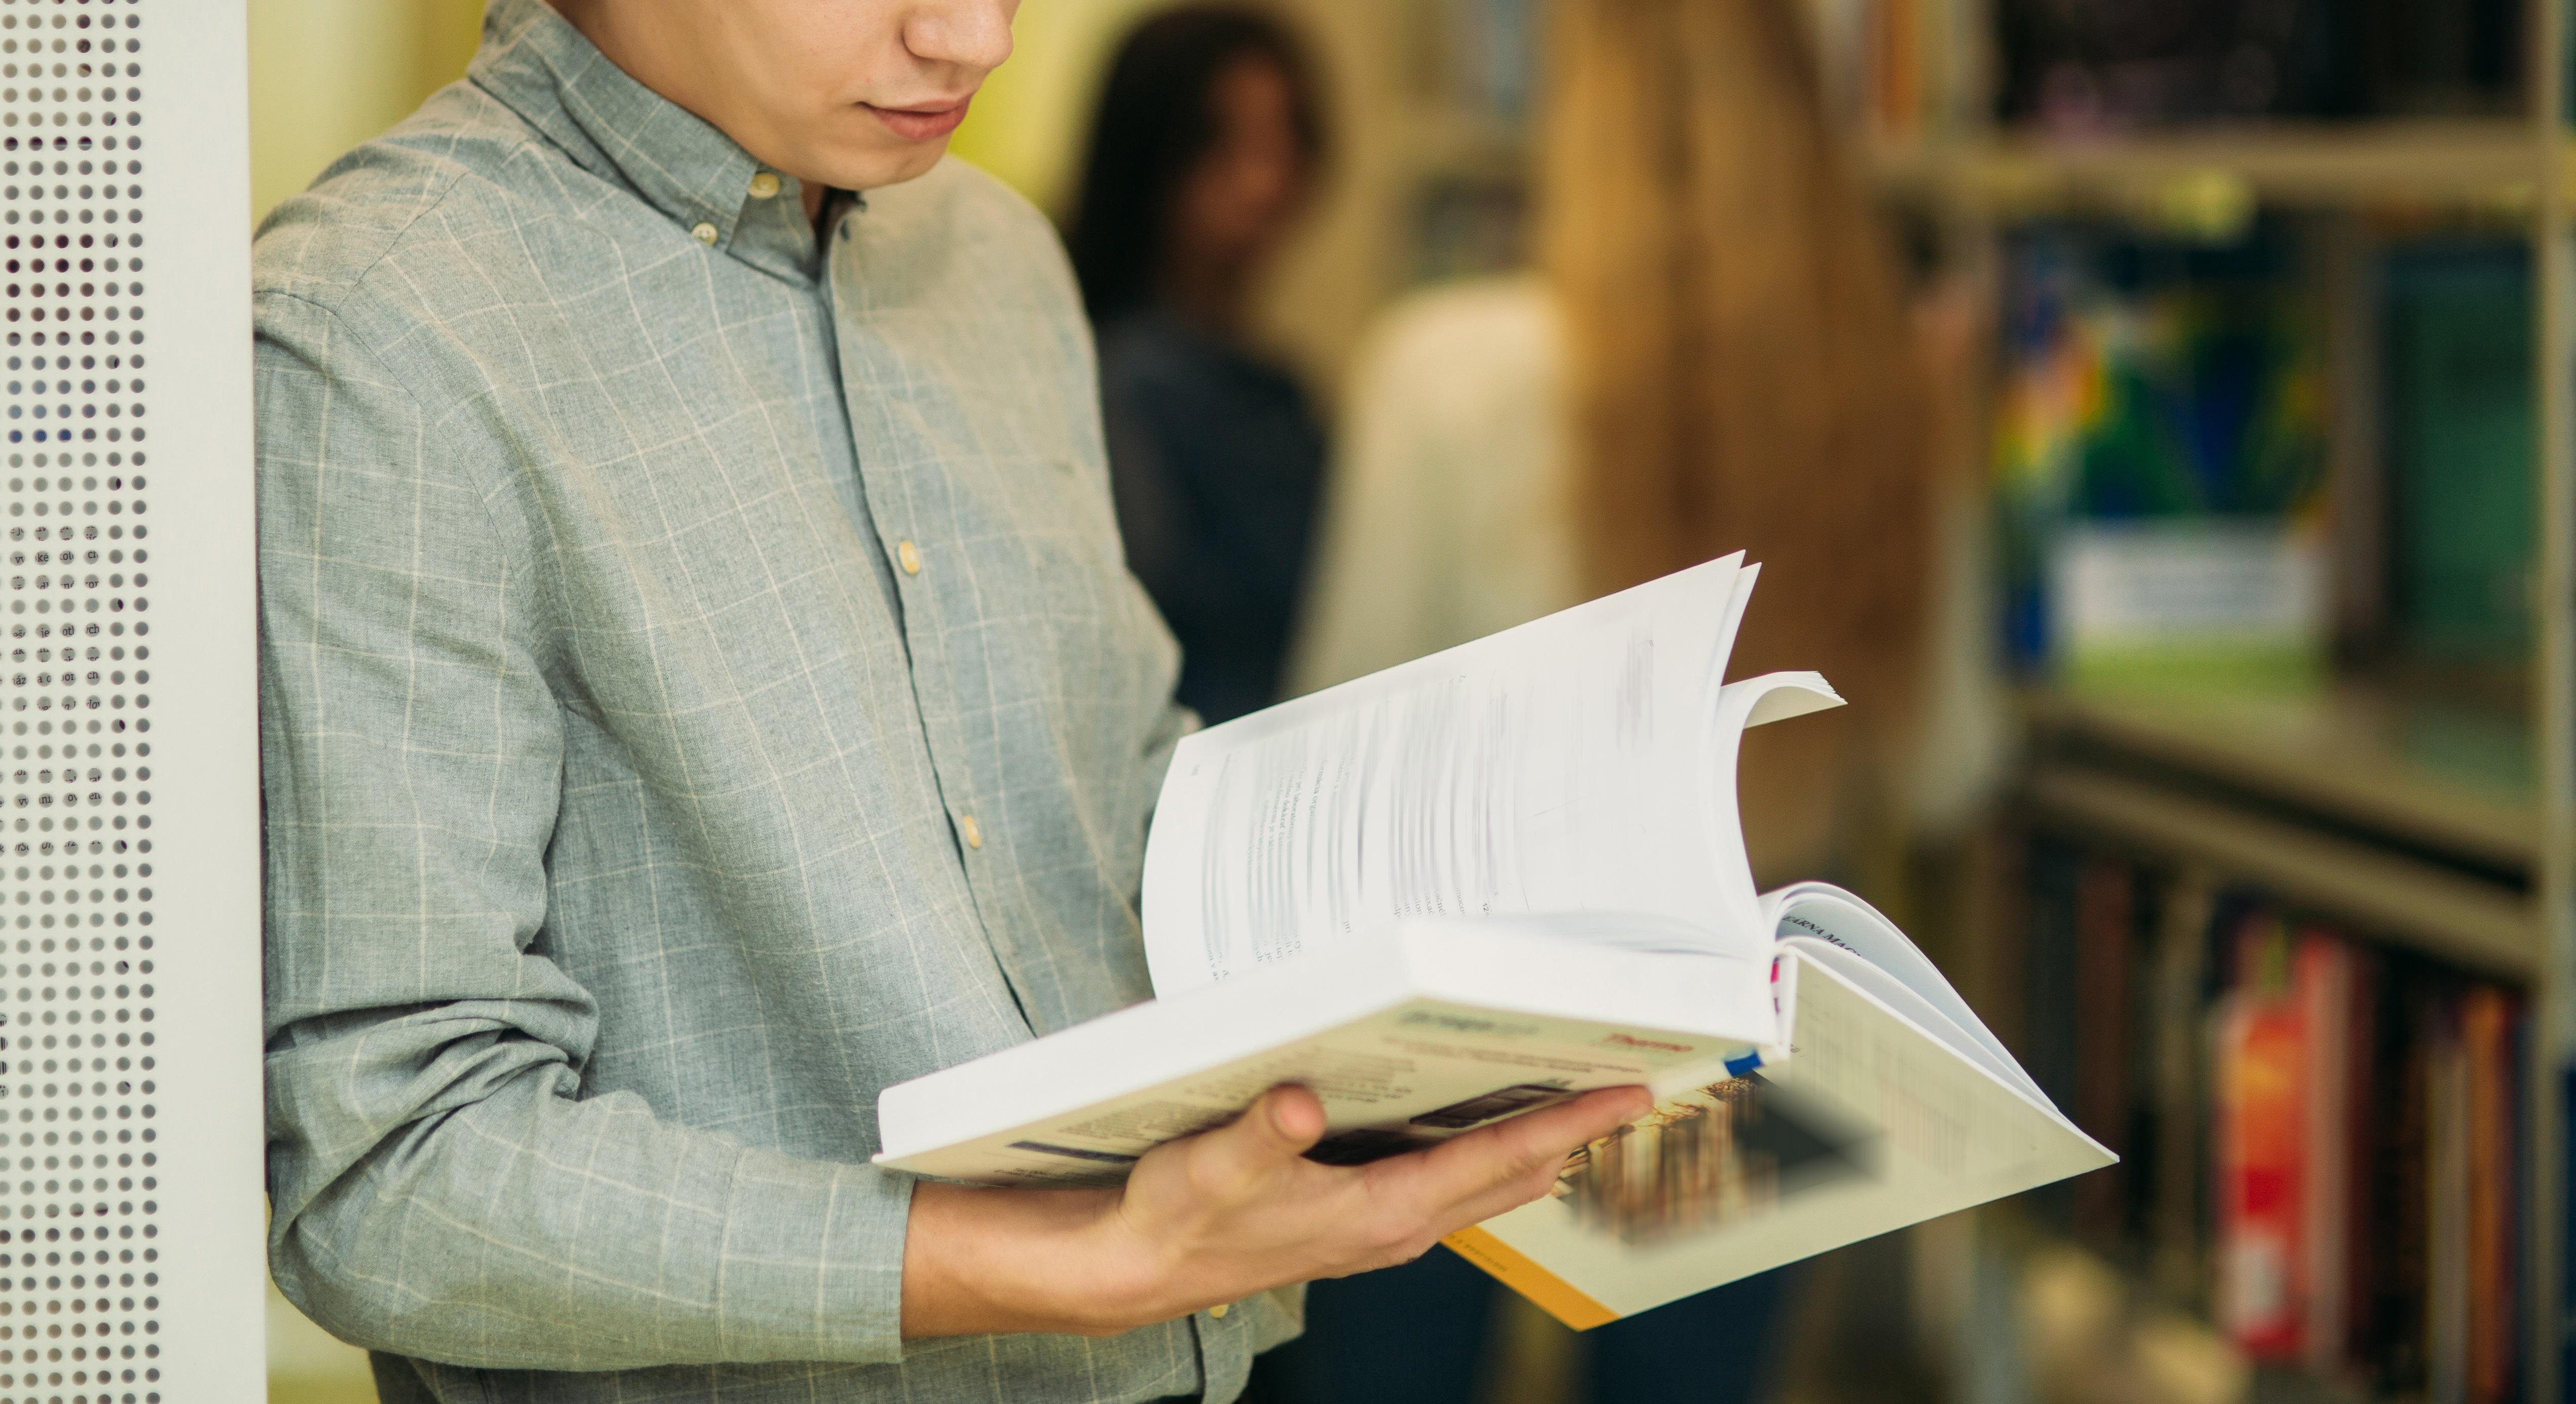 Un bărbat și-a cumpărat o carte de la magazin și a găsit un bilet înăuntru. Când l-a citit, Dean Cuthbert a rămas uluit